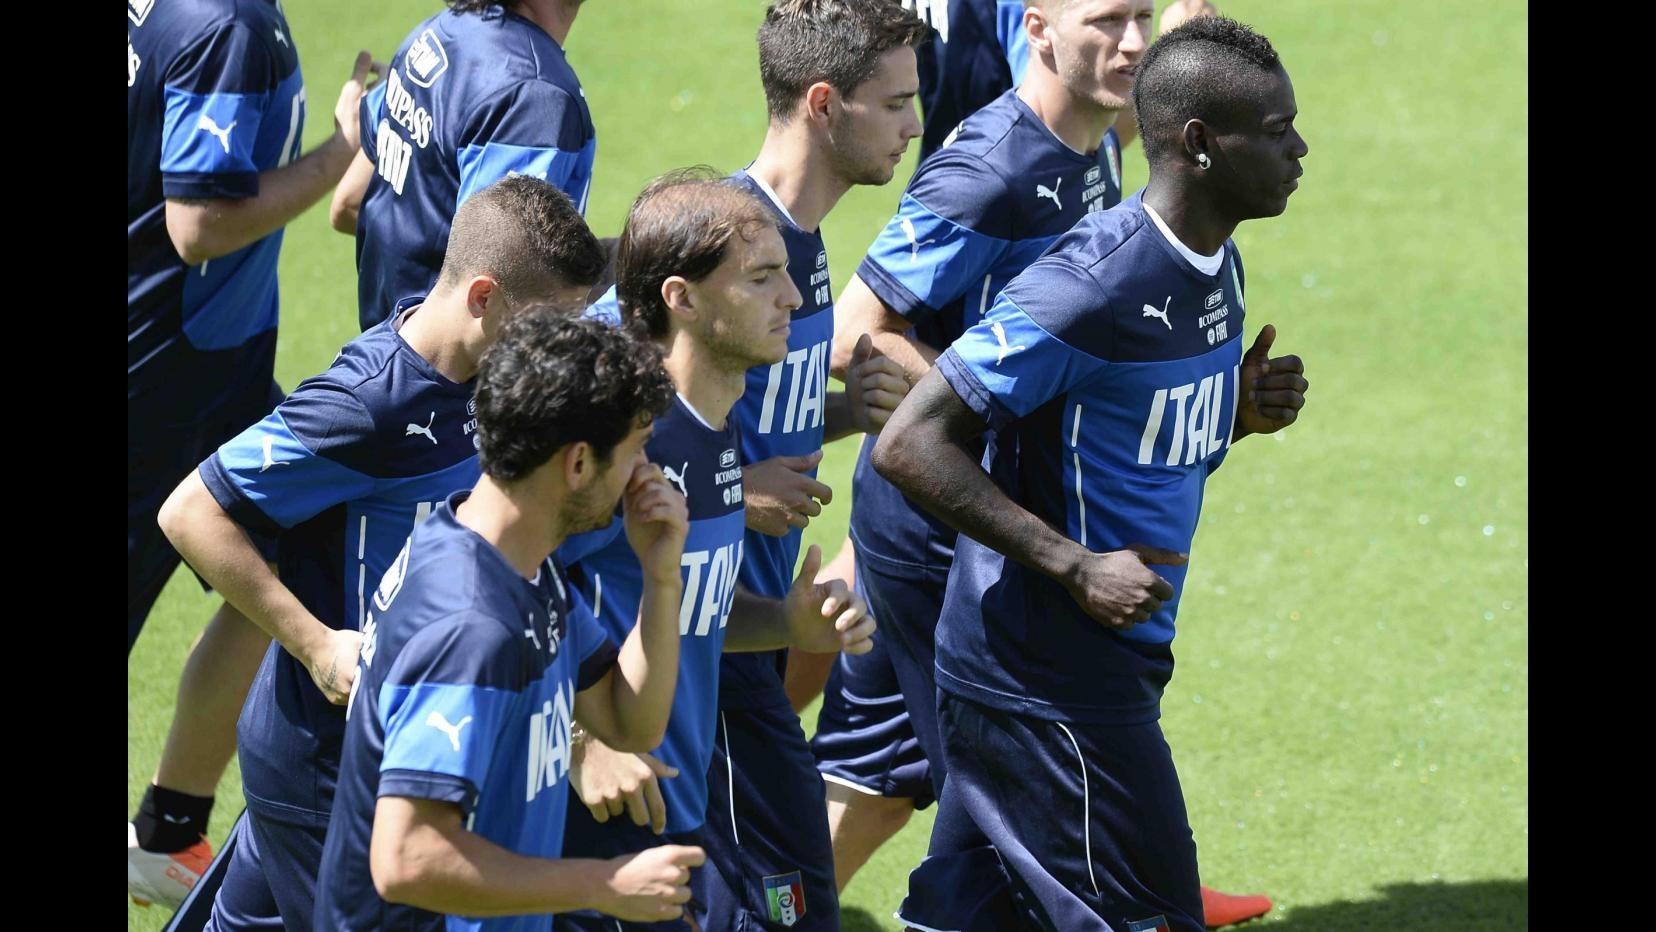 Mondiali 2014, Italia verso Uruguay: Prandelli vara 3-5-2 con Balotelli e Immobile in attacco